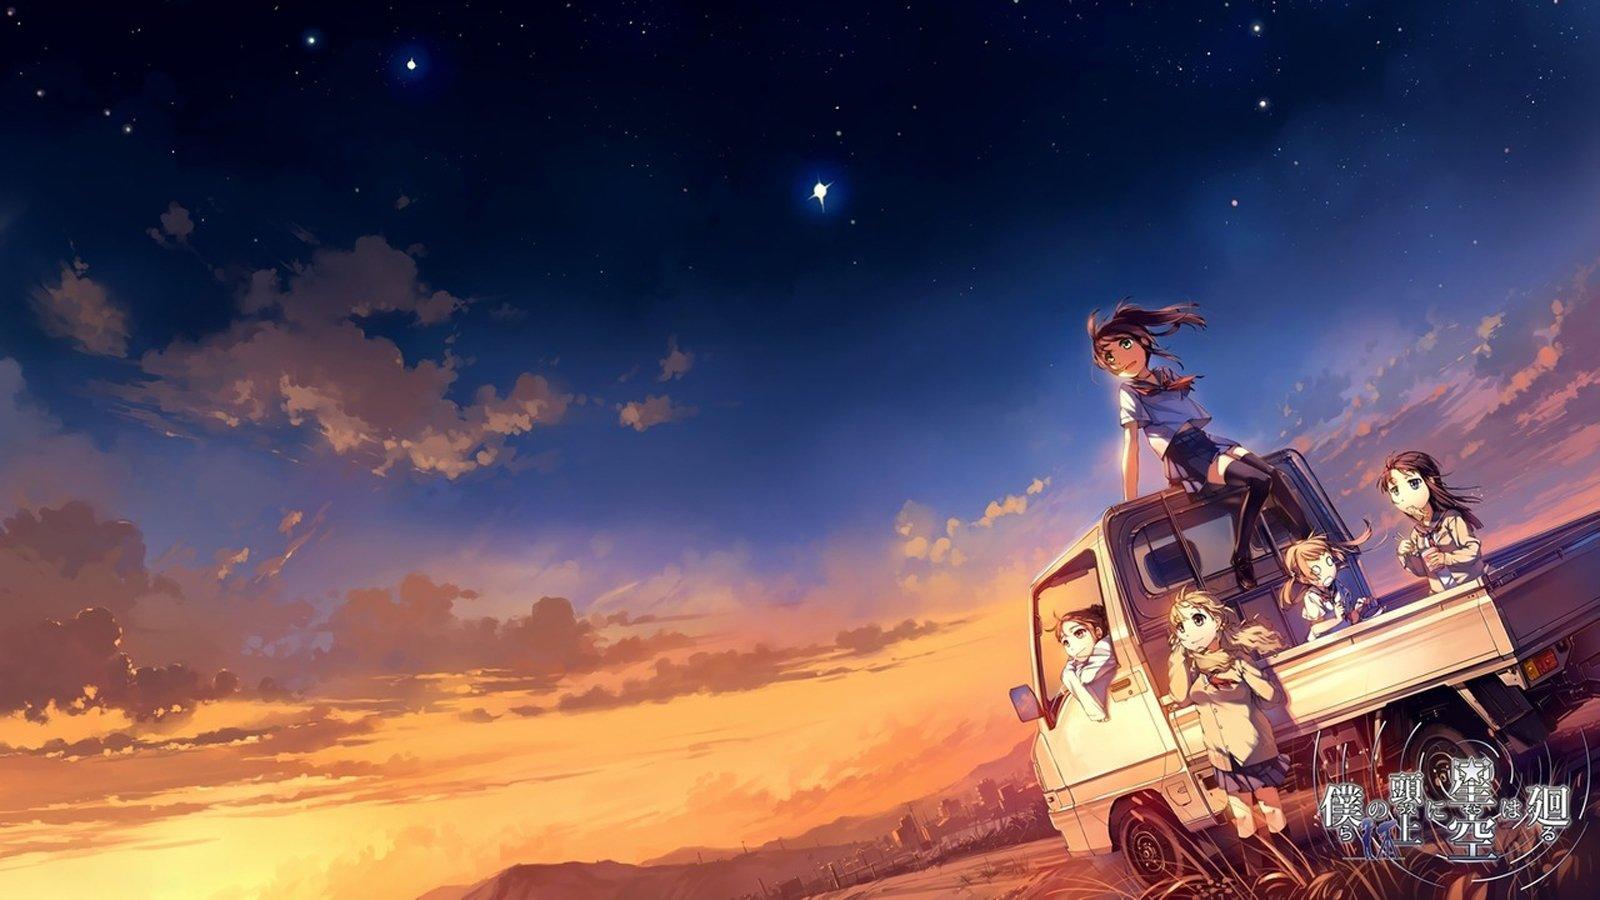 Fall Anime Wallpaper Vocaloid Anime Sky Blue Sunset Sun Light Group Friend Car Clouds